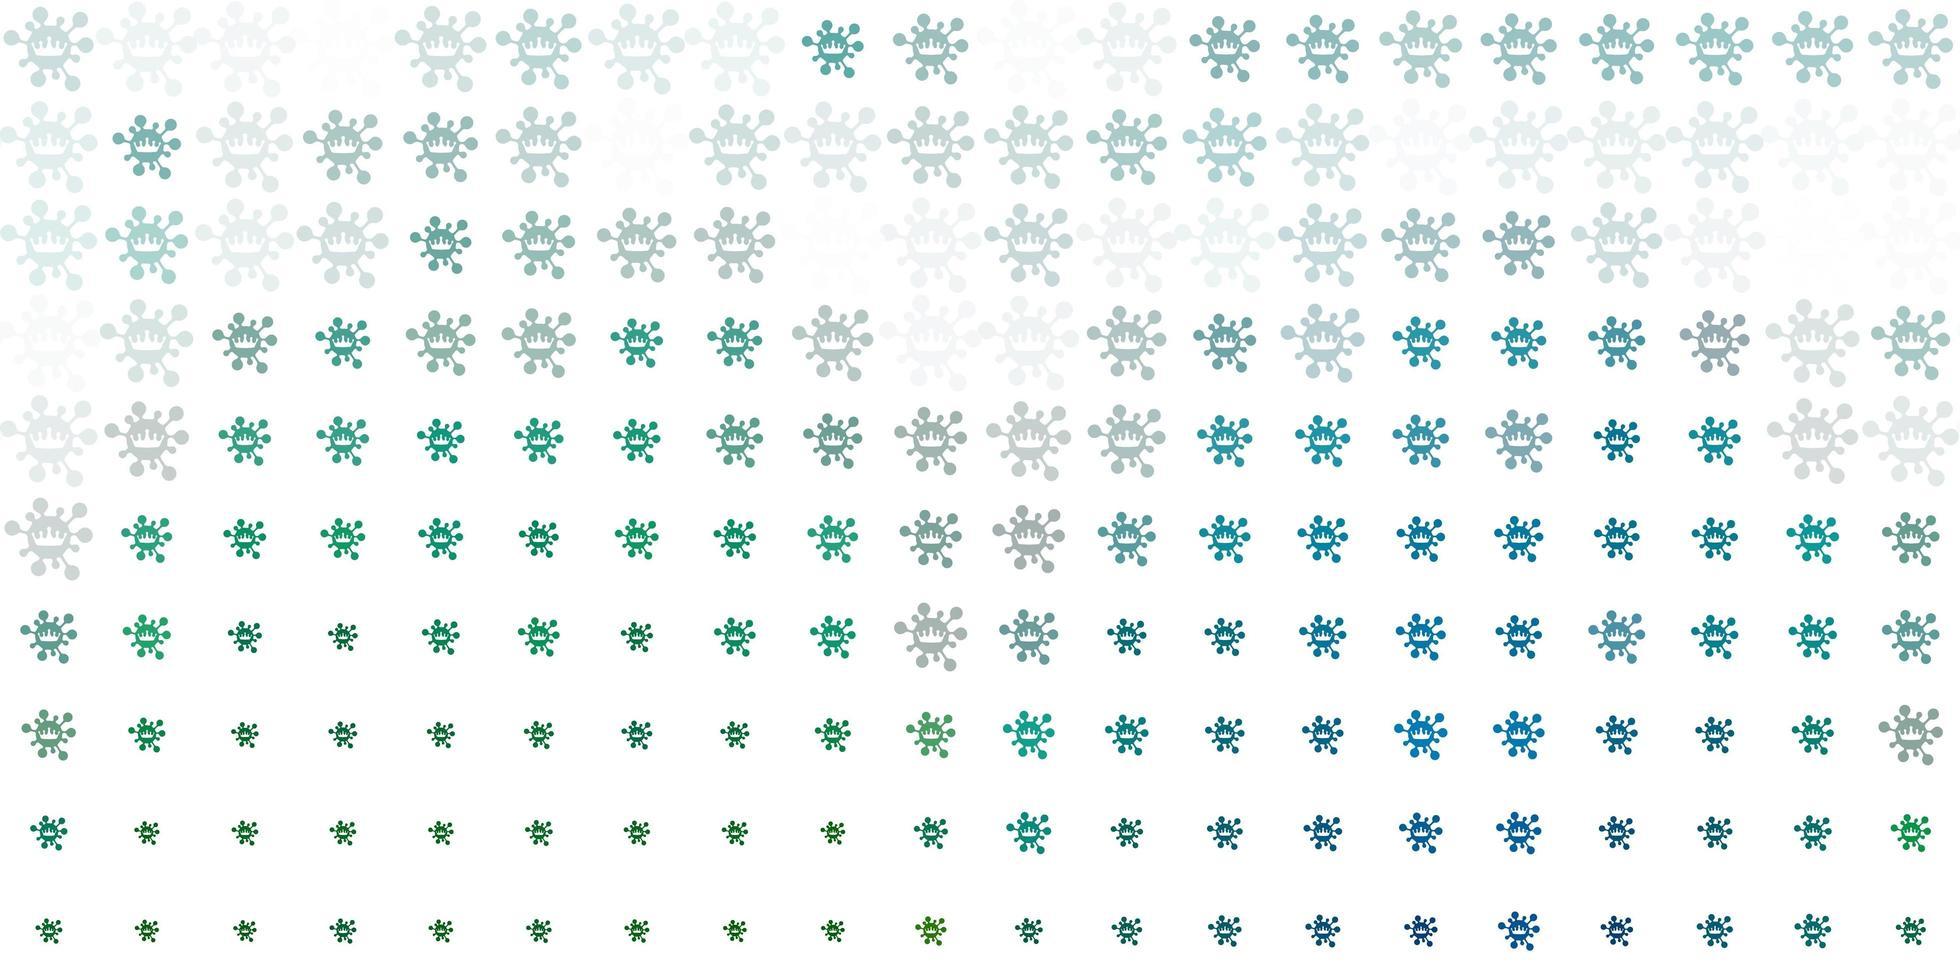 sfondo vettoriale verde chiaro con simboli di virus